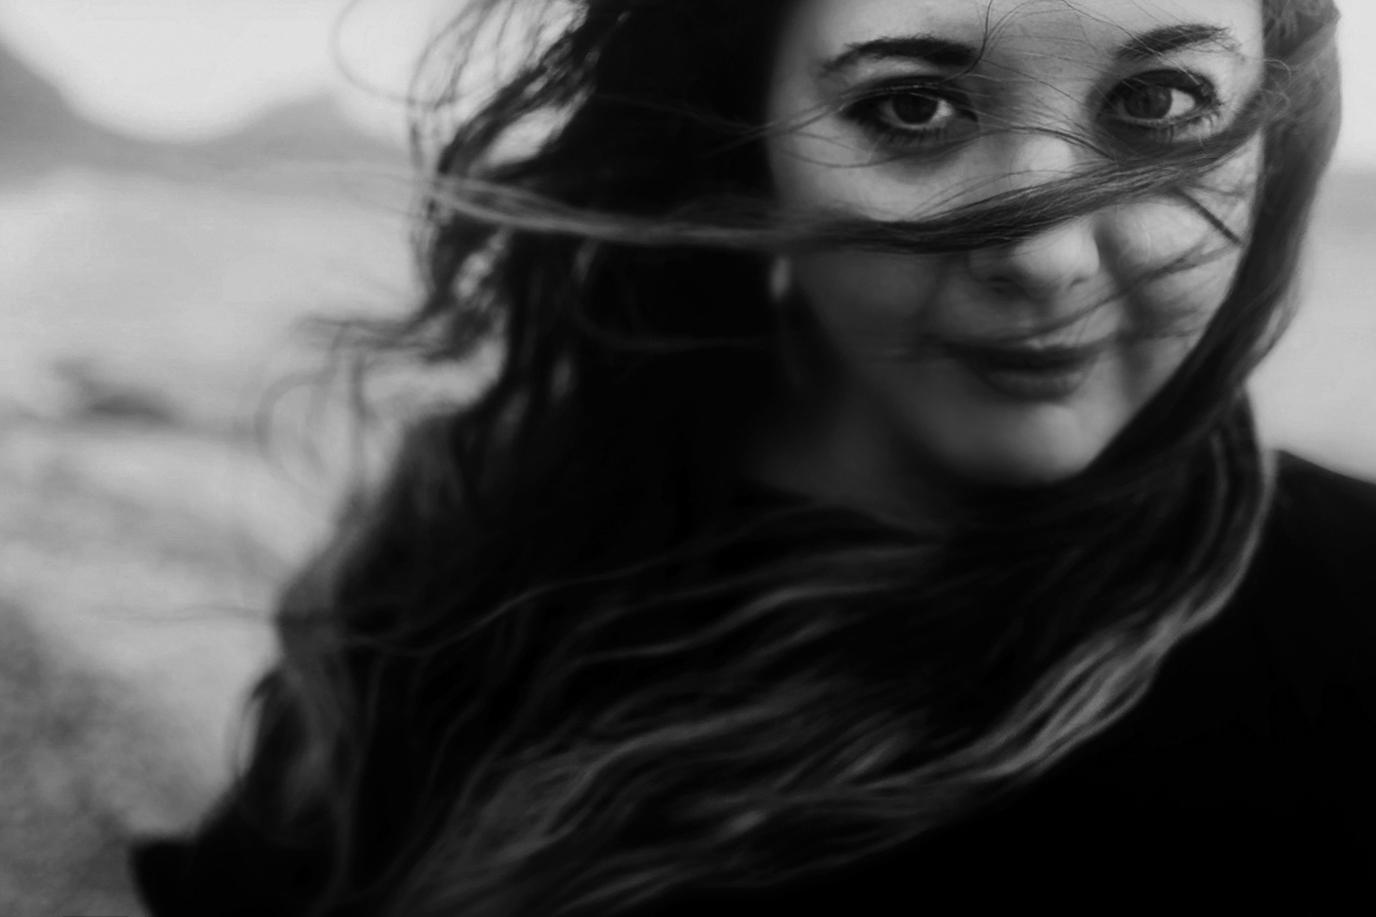 Silvia - Sentire, capire, uno sguardo e un ricordo